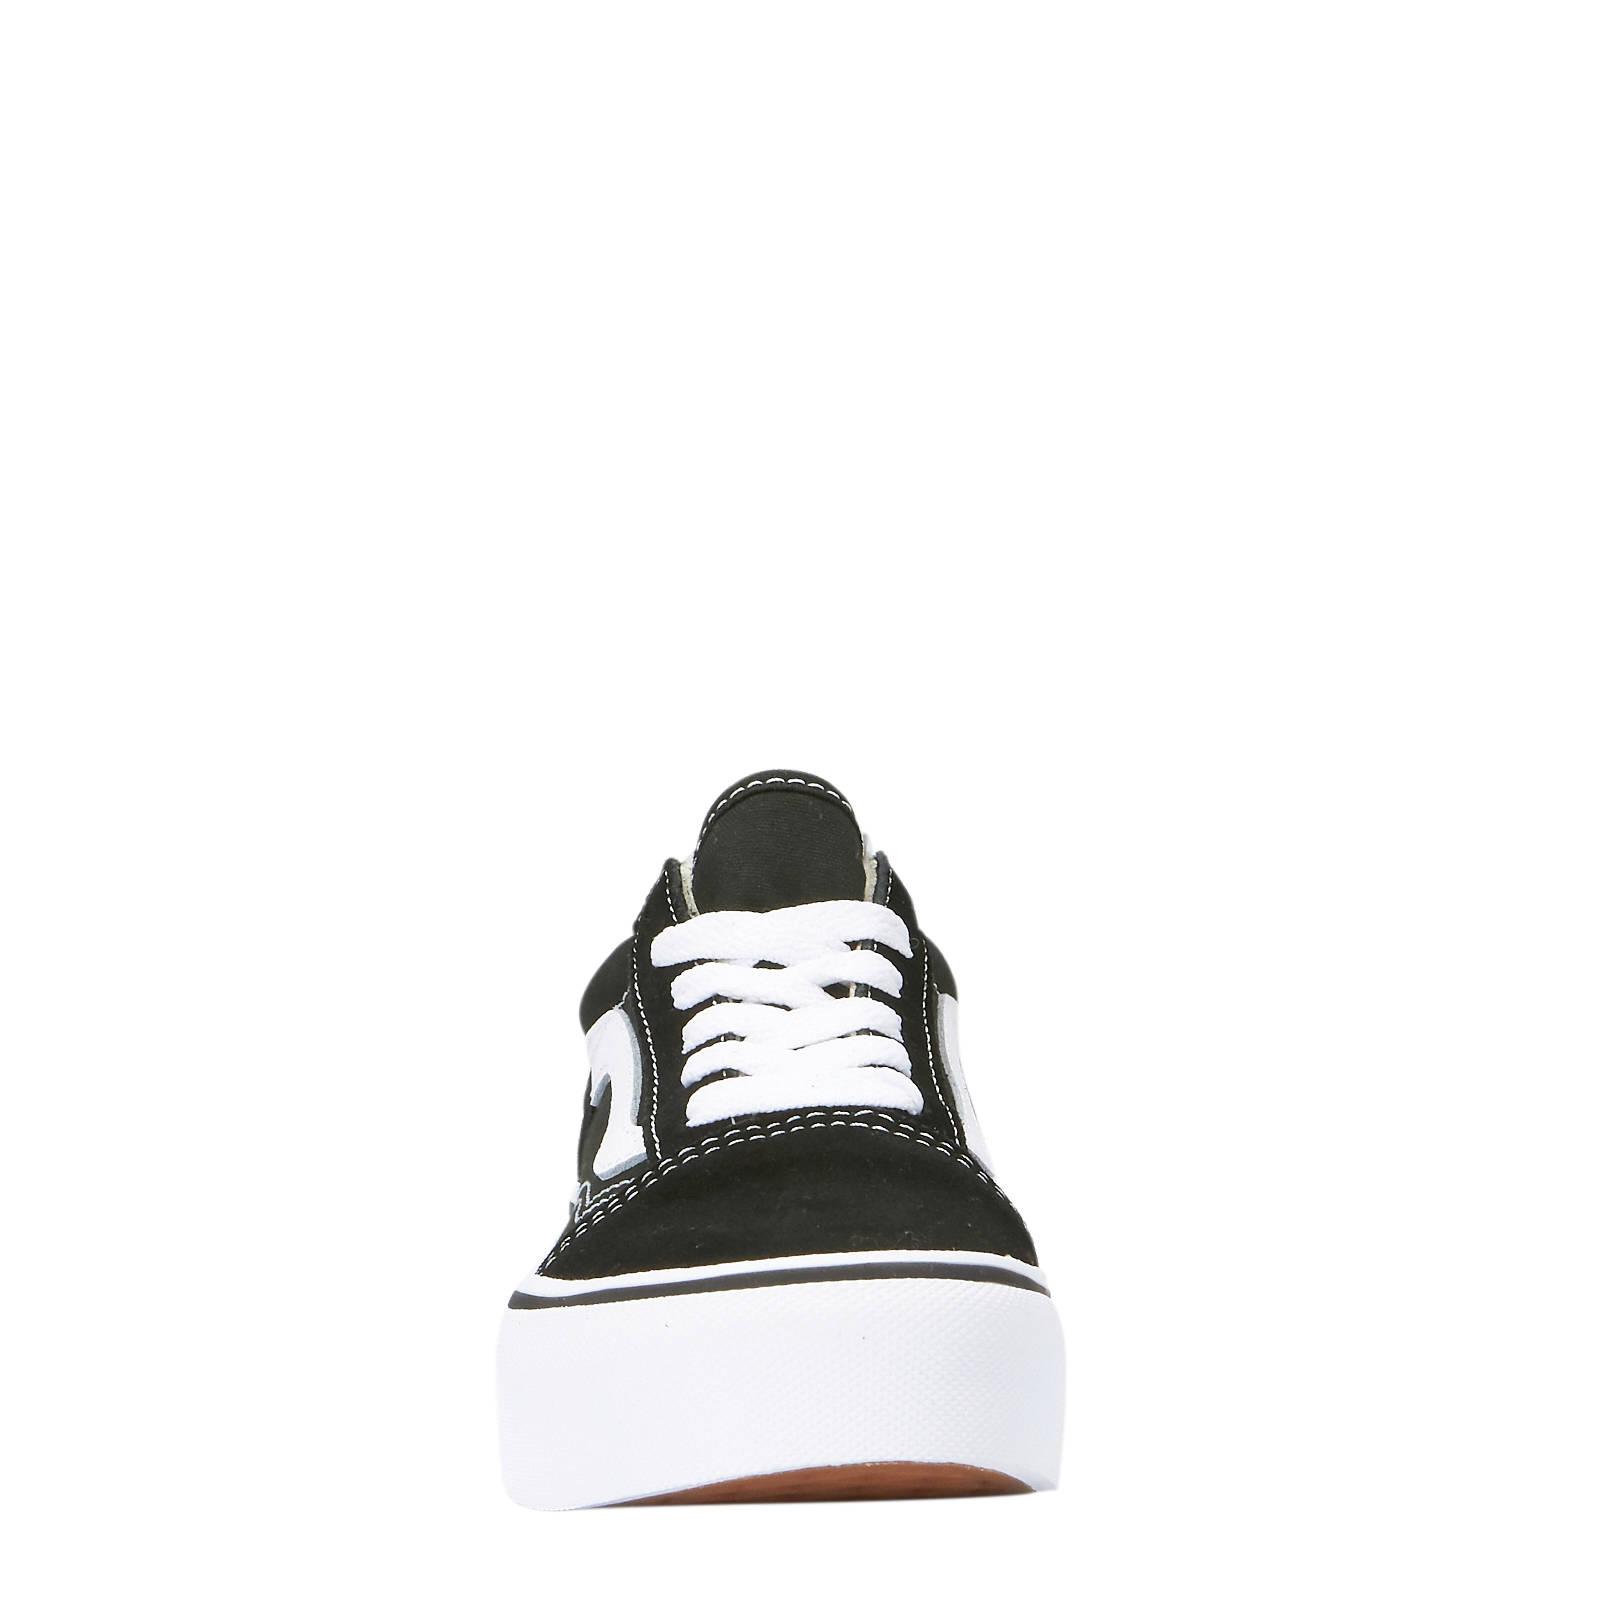 b588b75030 VANS Old Skool Platform sneakers zwart wit